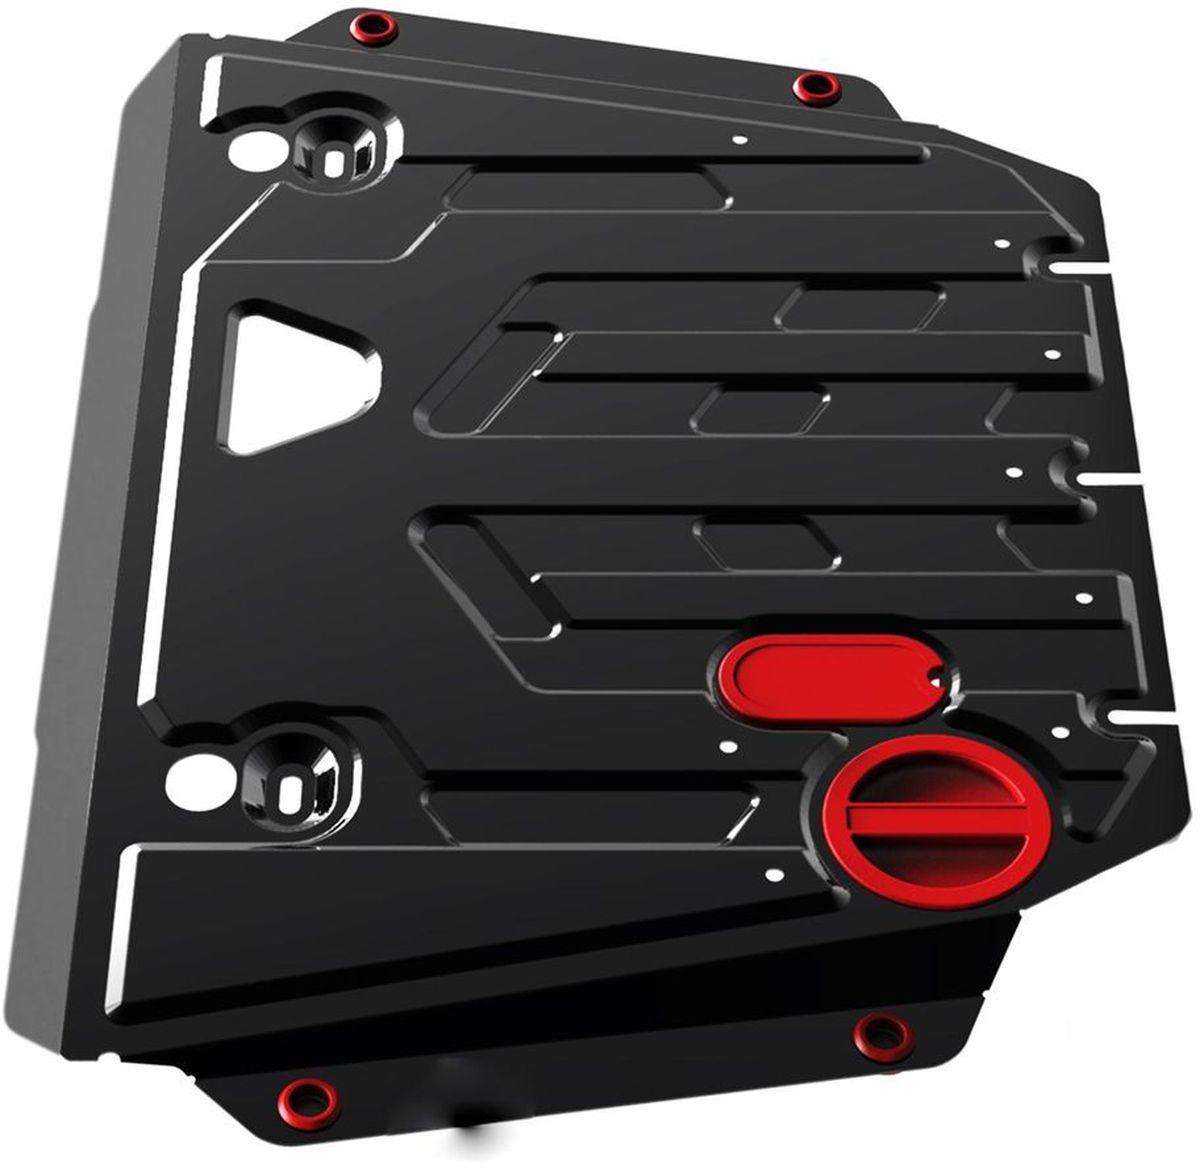 Защита картера и КПП Автоброня Brilliance V5 2014-/Brilliance H530 2014-, сталь 2 мм111.09002.1Защита картера и КПП Автоброня для Brilliance V5, V - 1,6 2014-/Brilliance H530, V - 1,6 2014-, сталь 2 мм, комплект крепежа, 111.09002.1Стальные защиты Автоброня надежно защищают ваш автомобиль от повреждений при наезде на бордюры, выступающие канализационные люки, кромки поврежденного асфальта или при ремонте дорог, не говоря уже о загородных дорогах.- Имеют оптимальное соотношение цена-качество.- Спроектированы с учетом особенностей автомобиля, что делает установку удобной.- Защита устанавливается в штатные места кузова автомобиля.- Является надежной защитой для важных элементов на протяжении долгих лет.- Глубокий штамп дополнительно усиливает конструкцию защиты.- Подштамповка в местах крепления защищает крепеж от срезания.- Технологические отверстия там, где они необходимы для смены масла и слива воды, оборудованные заглушками, закрепленными на защите.Толщина стали 2 мм.В комплекте крепеж и инструкция по установке.Уважаемые клиенты!Обращаем ваше внимание на тот факт, что защита имеет форму, соответствующую модели данного автомобиля. Наличие глубокого штампа и лючков для смены фильтров/масла предусмотрено не на всех защитах. Фото служит для визуального восприятия товара.